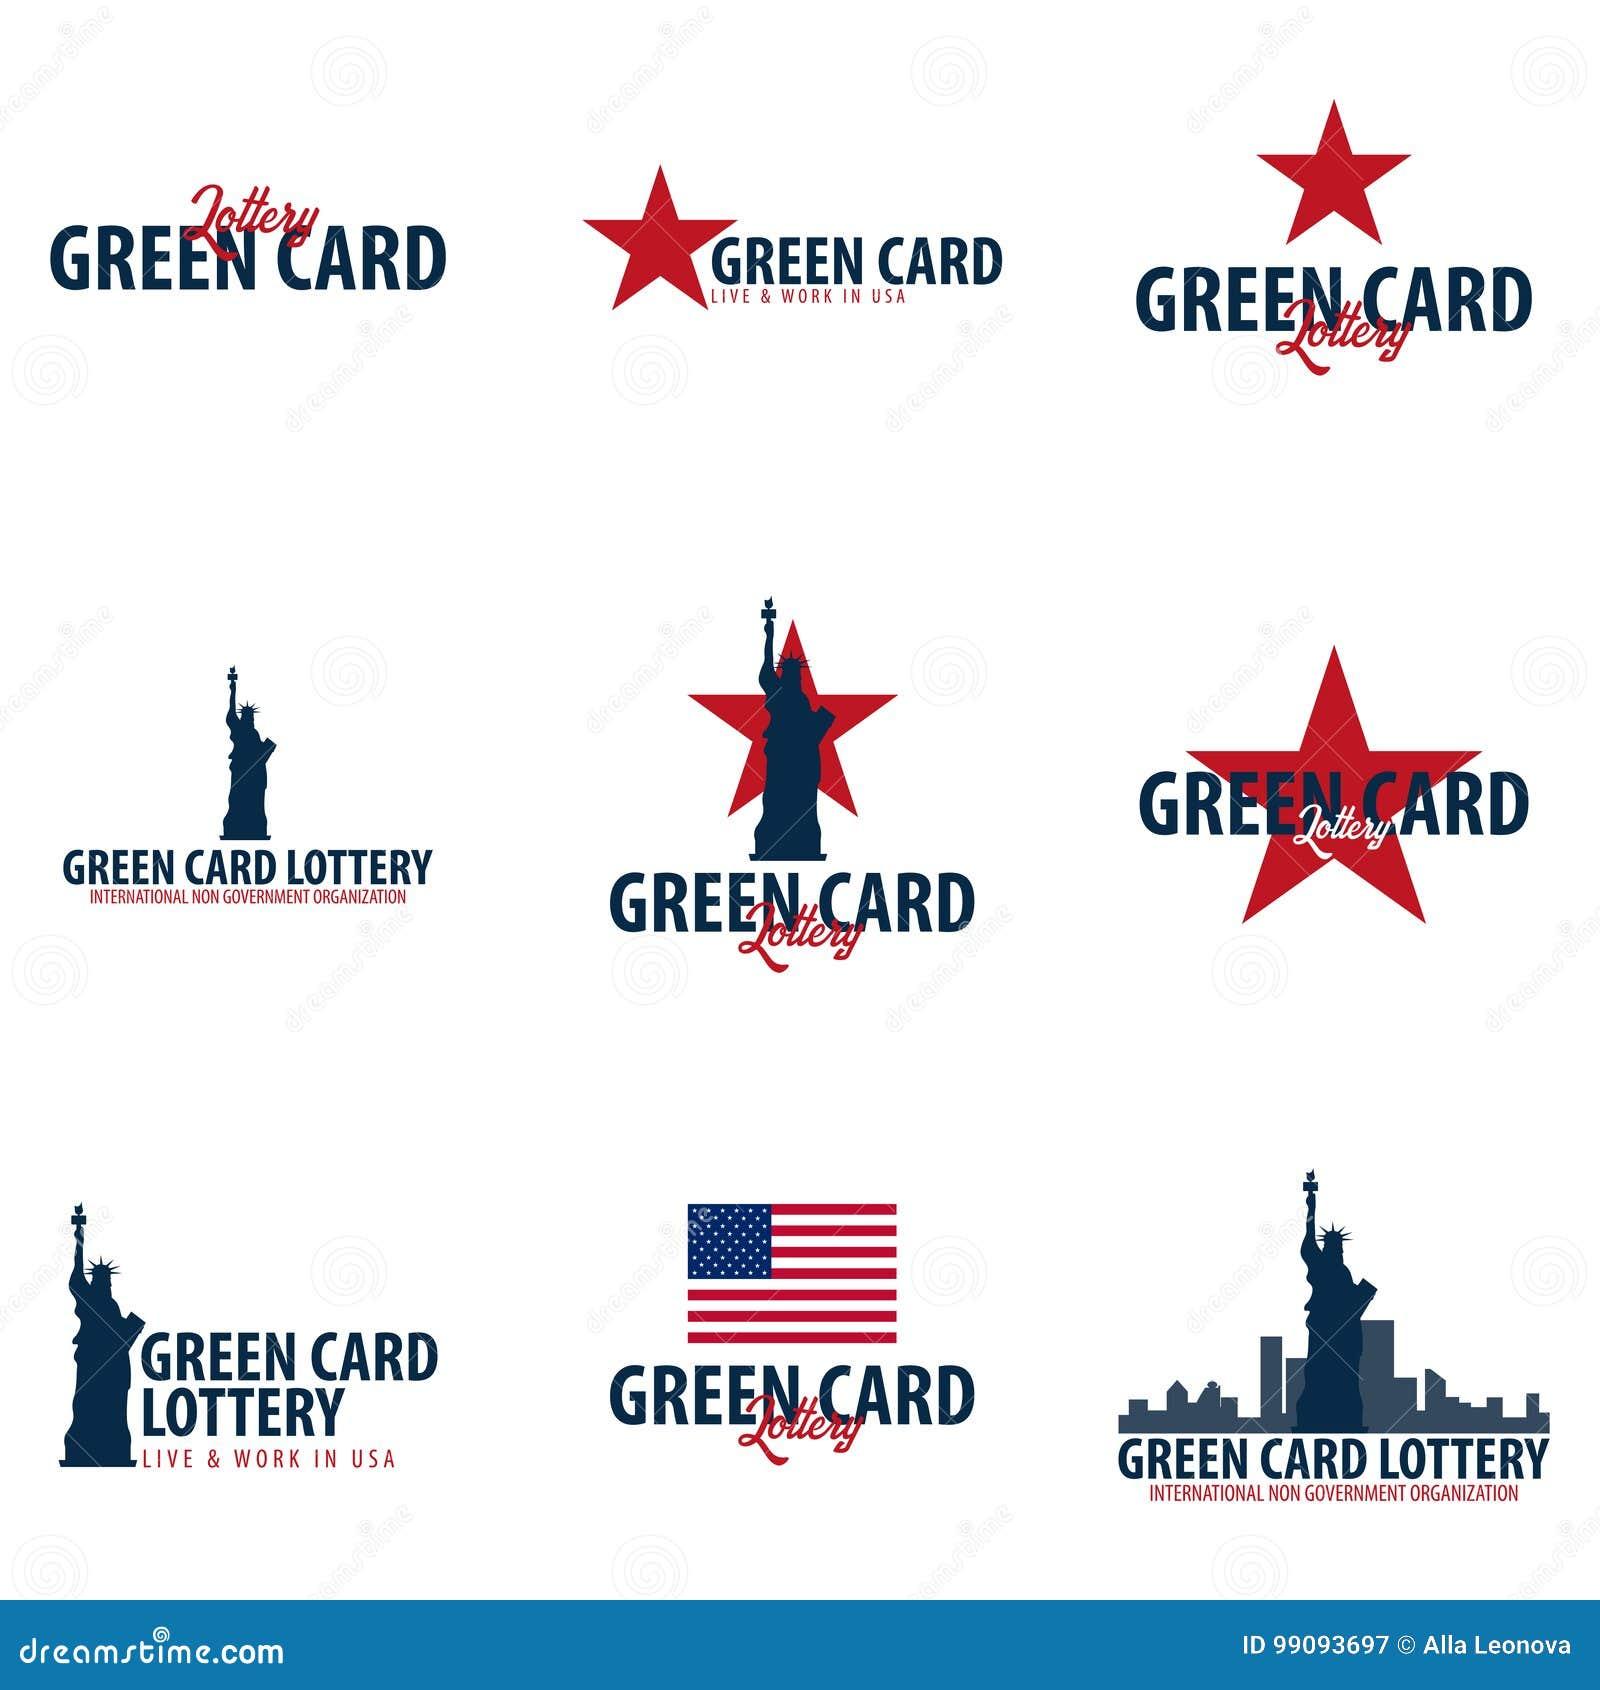 套绿卡抽奖商标或象征 移民和签证向美国